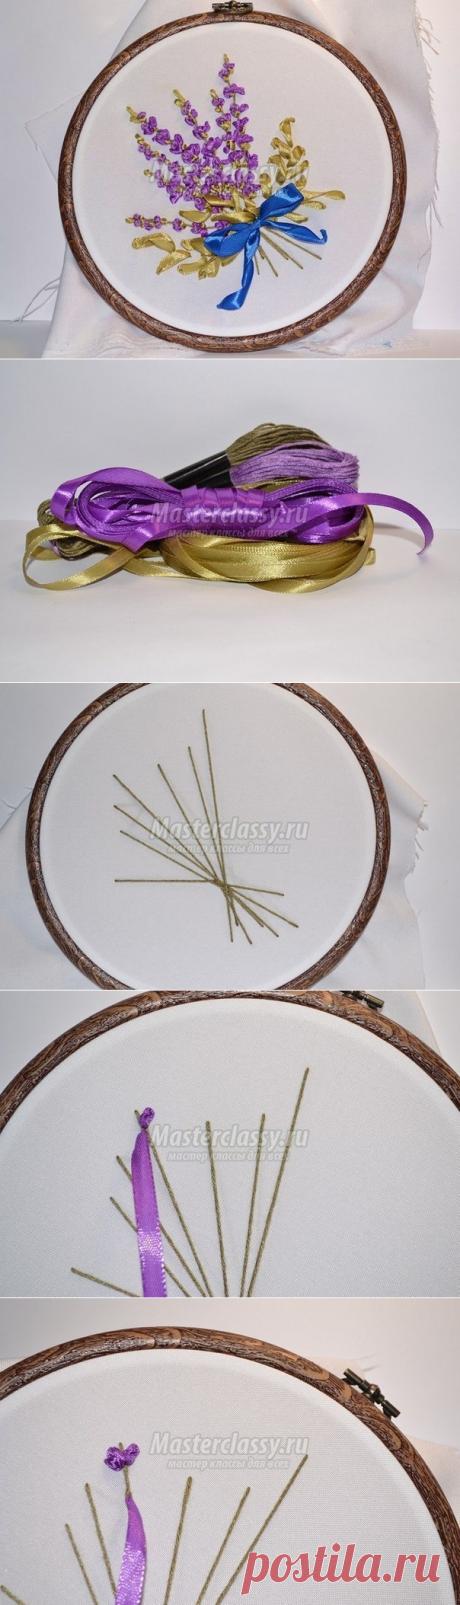 Вышивка лентами: лаванда — Сделай сам, идеи для творчества - DIY Ideas